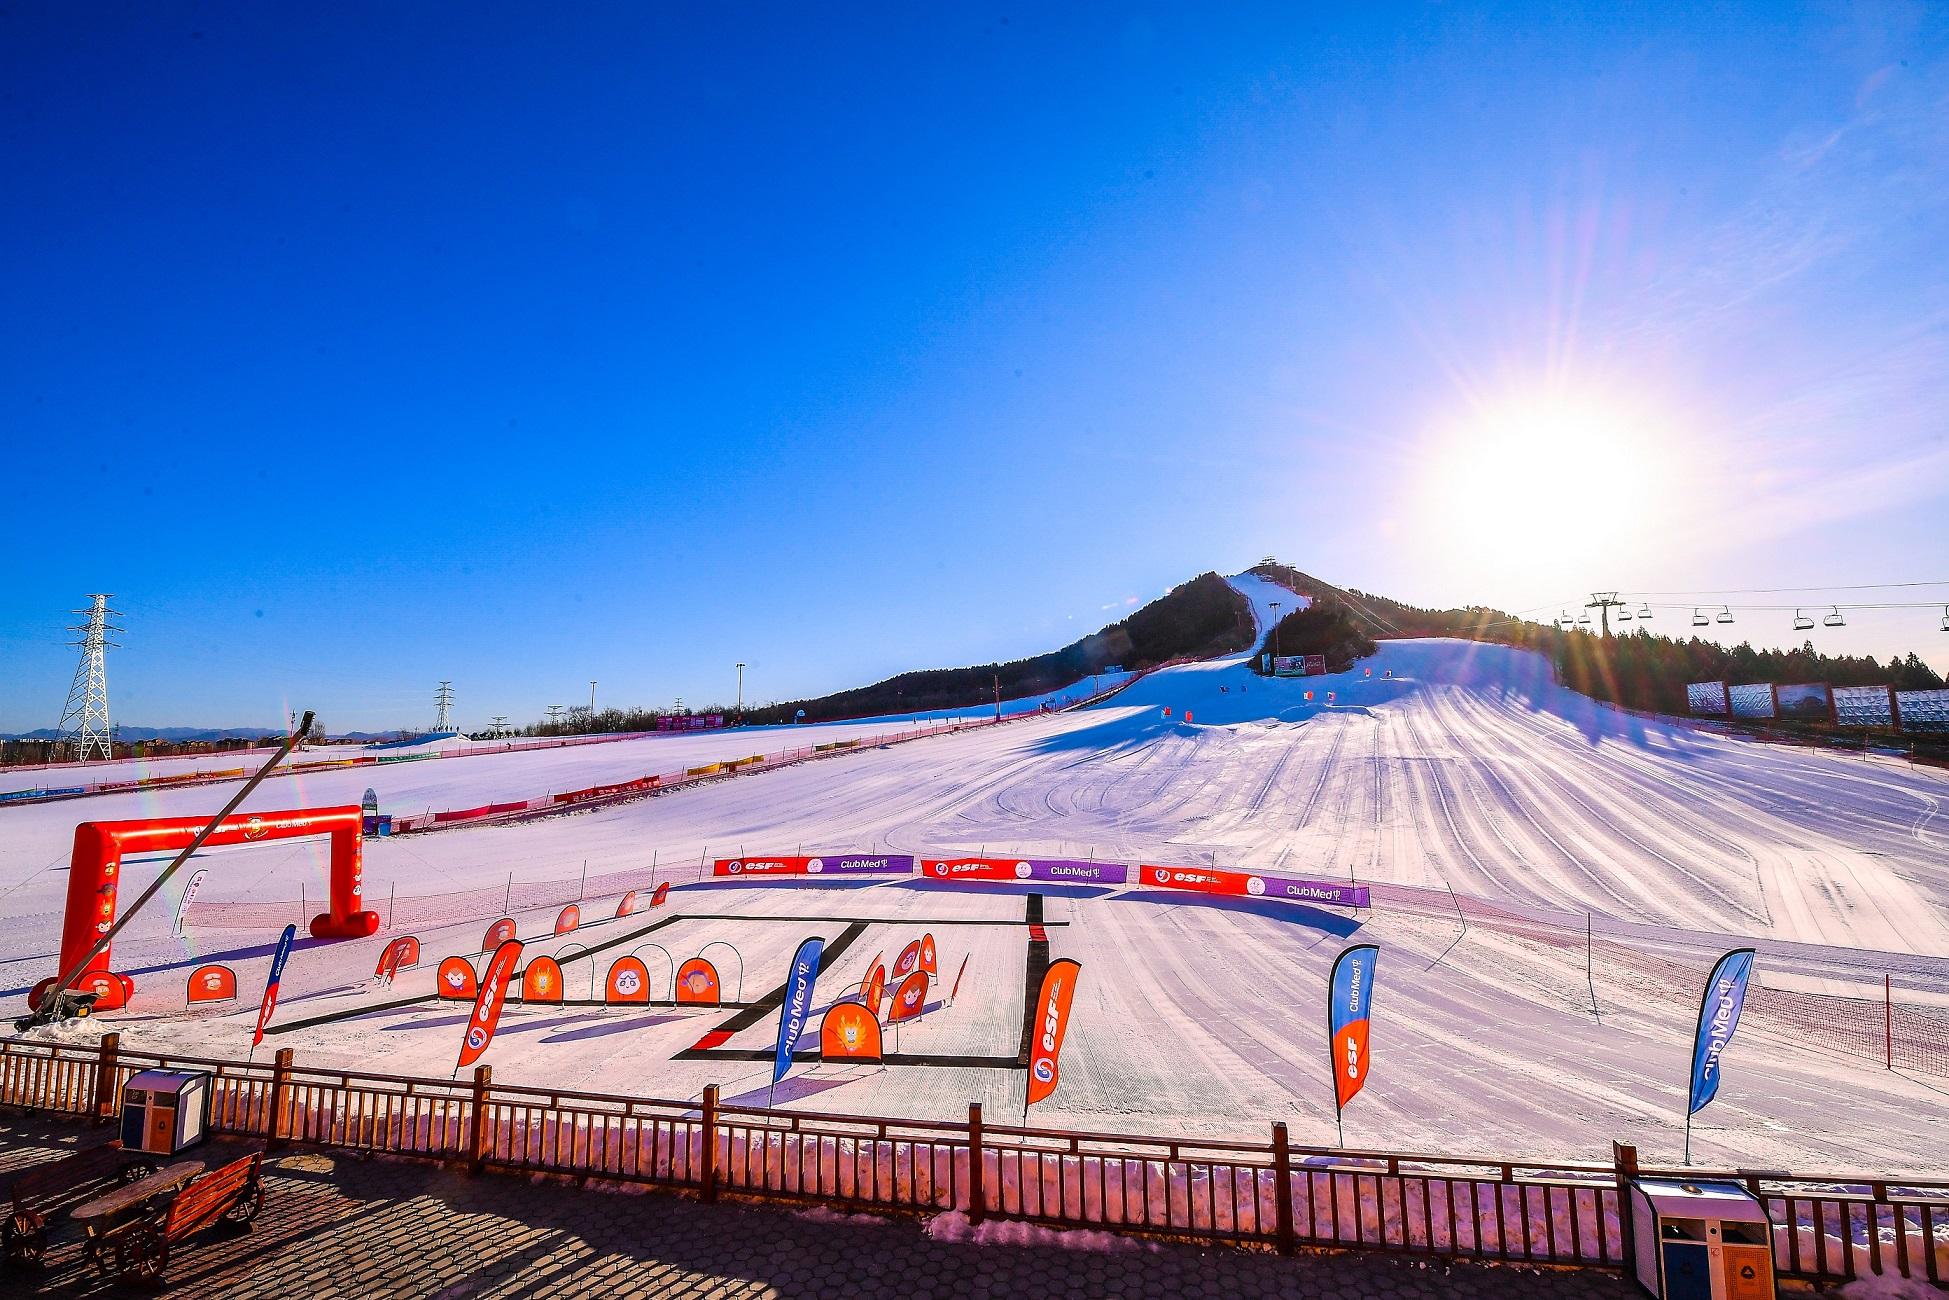 北京莲山滑雪场空景图 | Aerial view of Beijing Star Mountain Ski Resort